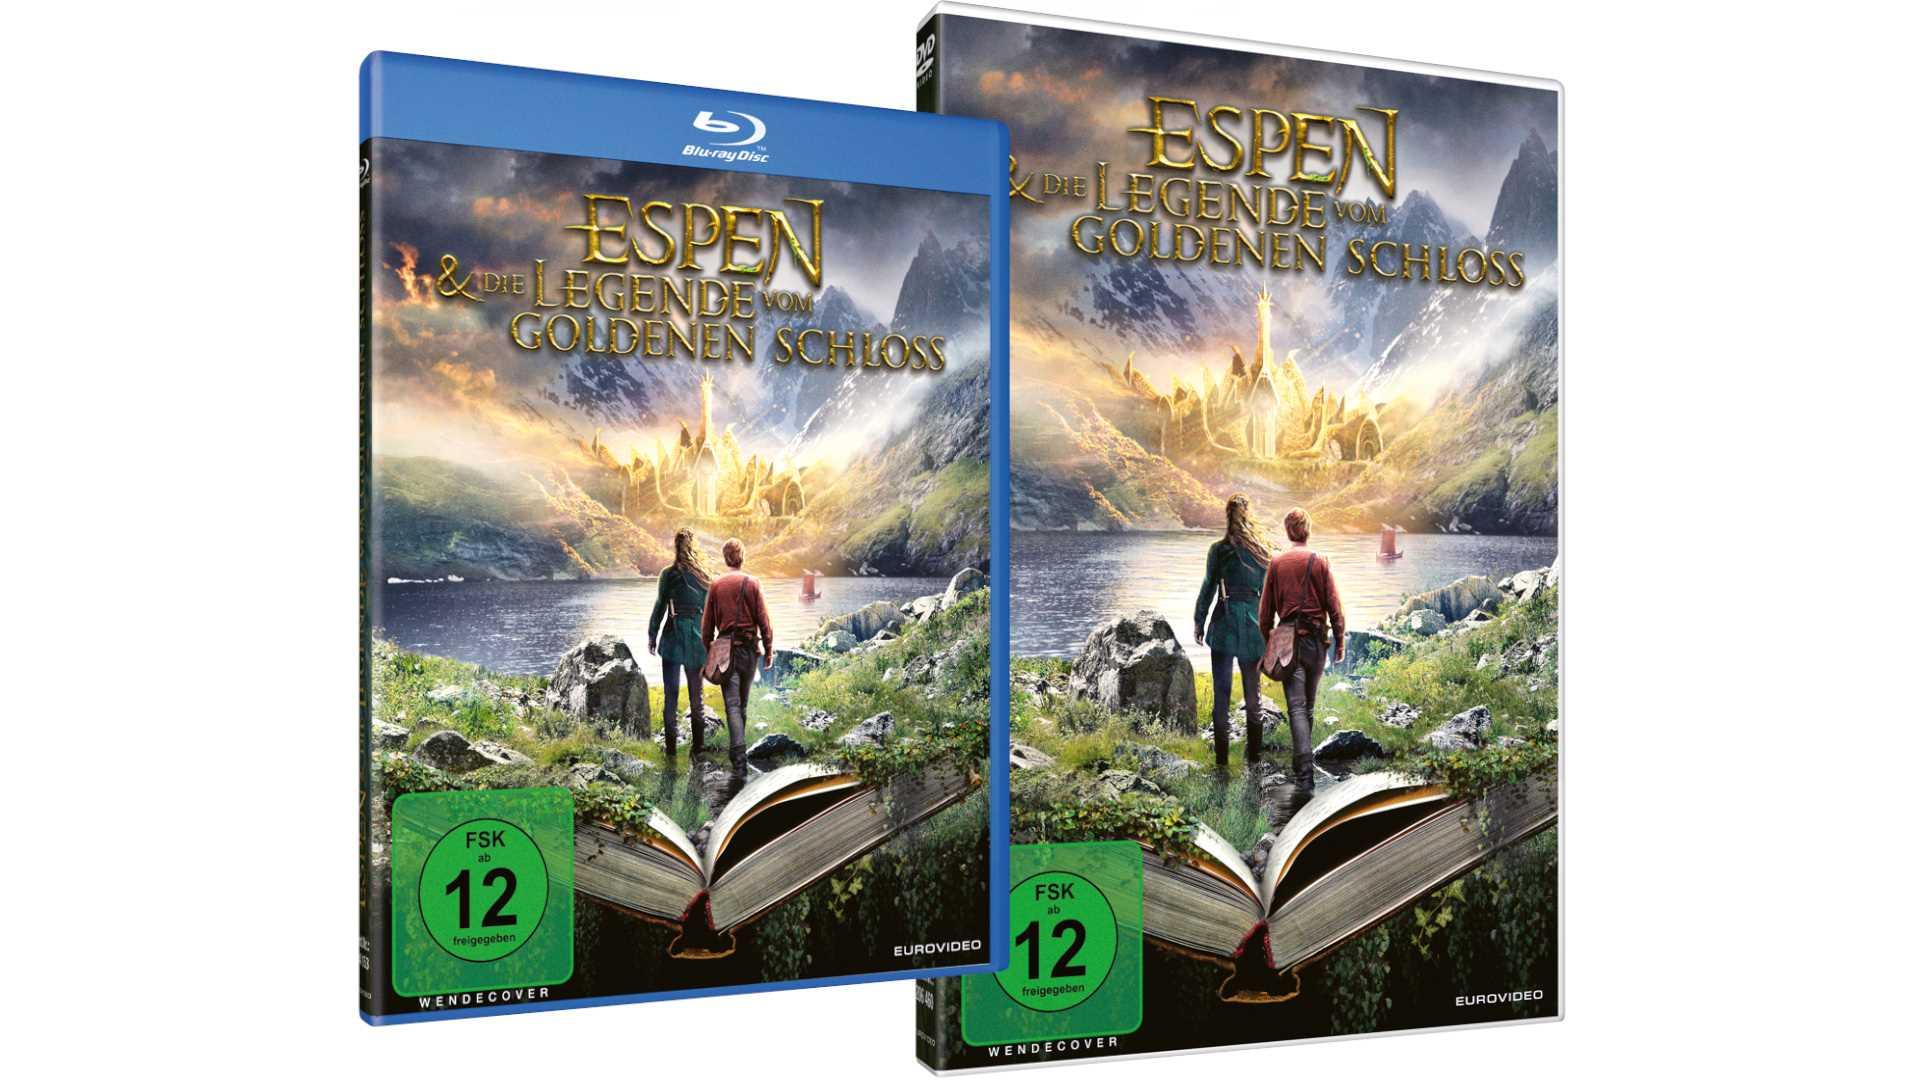 Espen und die Legende vom goldenen Schloss - BD&DVD